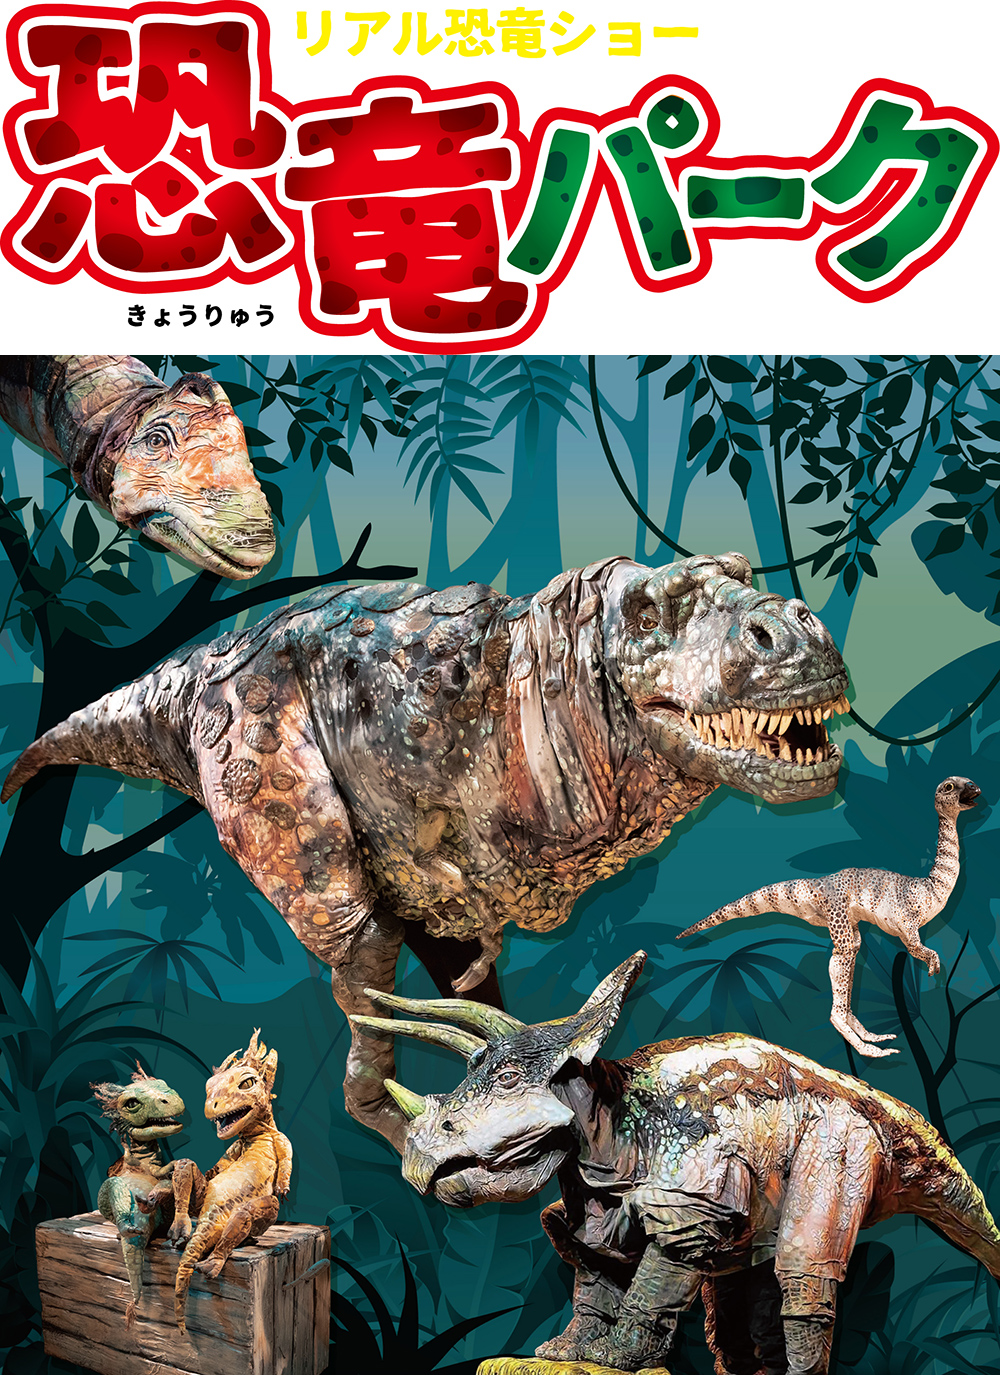 <font color=orange>【優待価格】</font>リアル恐竜ショー 恐竜パーク